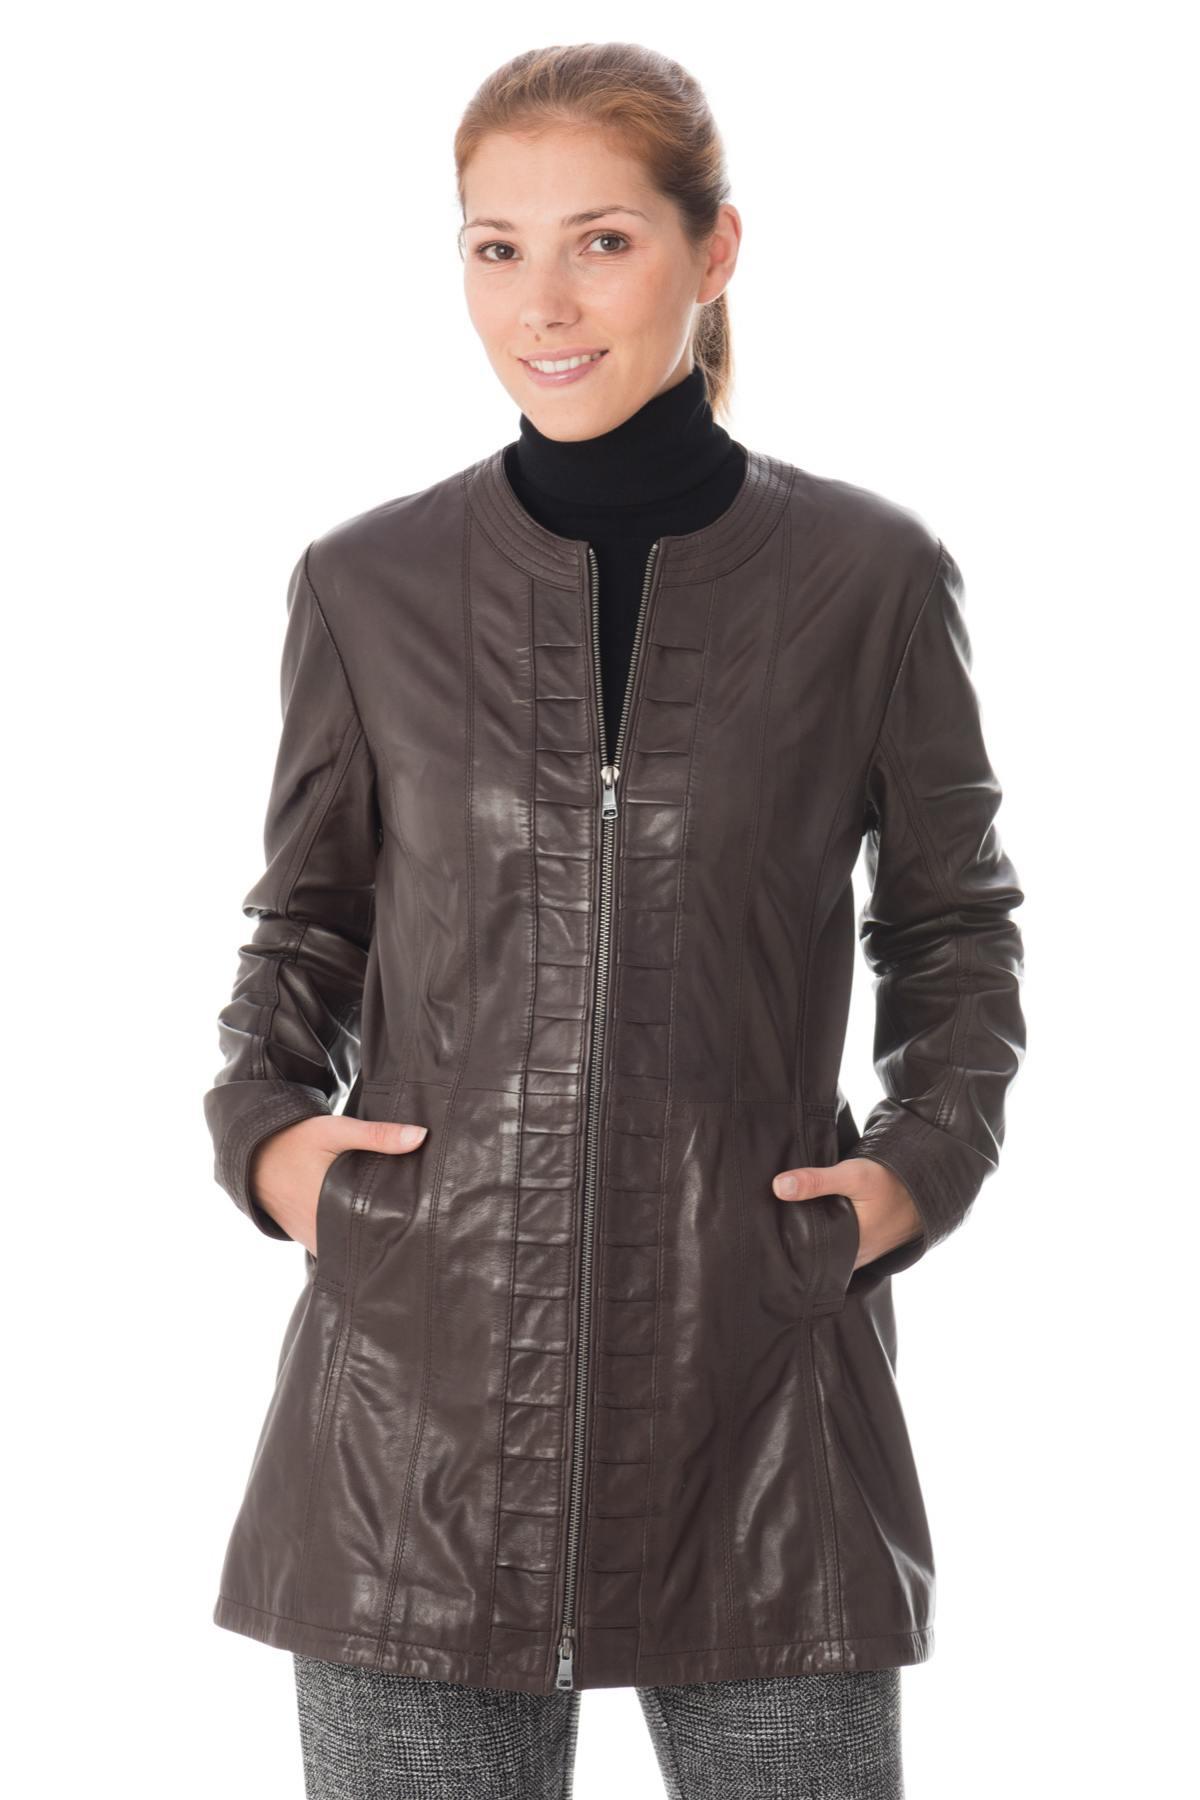 Vestes Mi-longues en cuir Femme - Veste 3 4 - Cuir City 272a66d3286